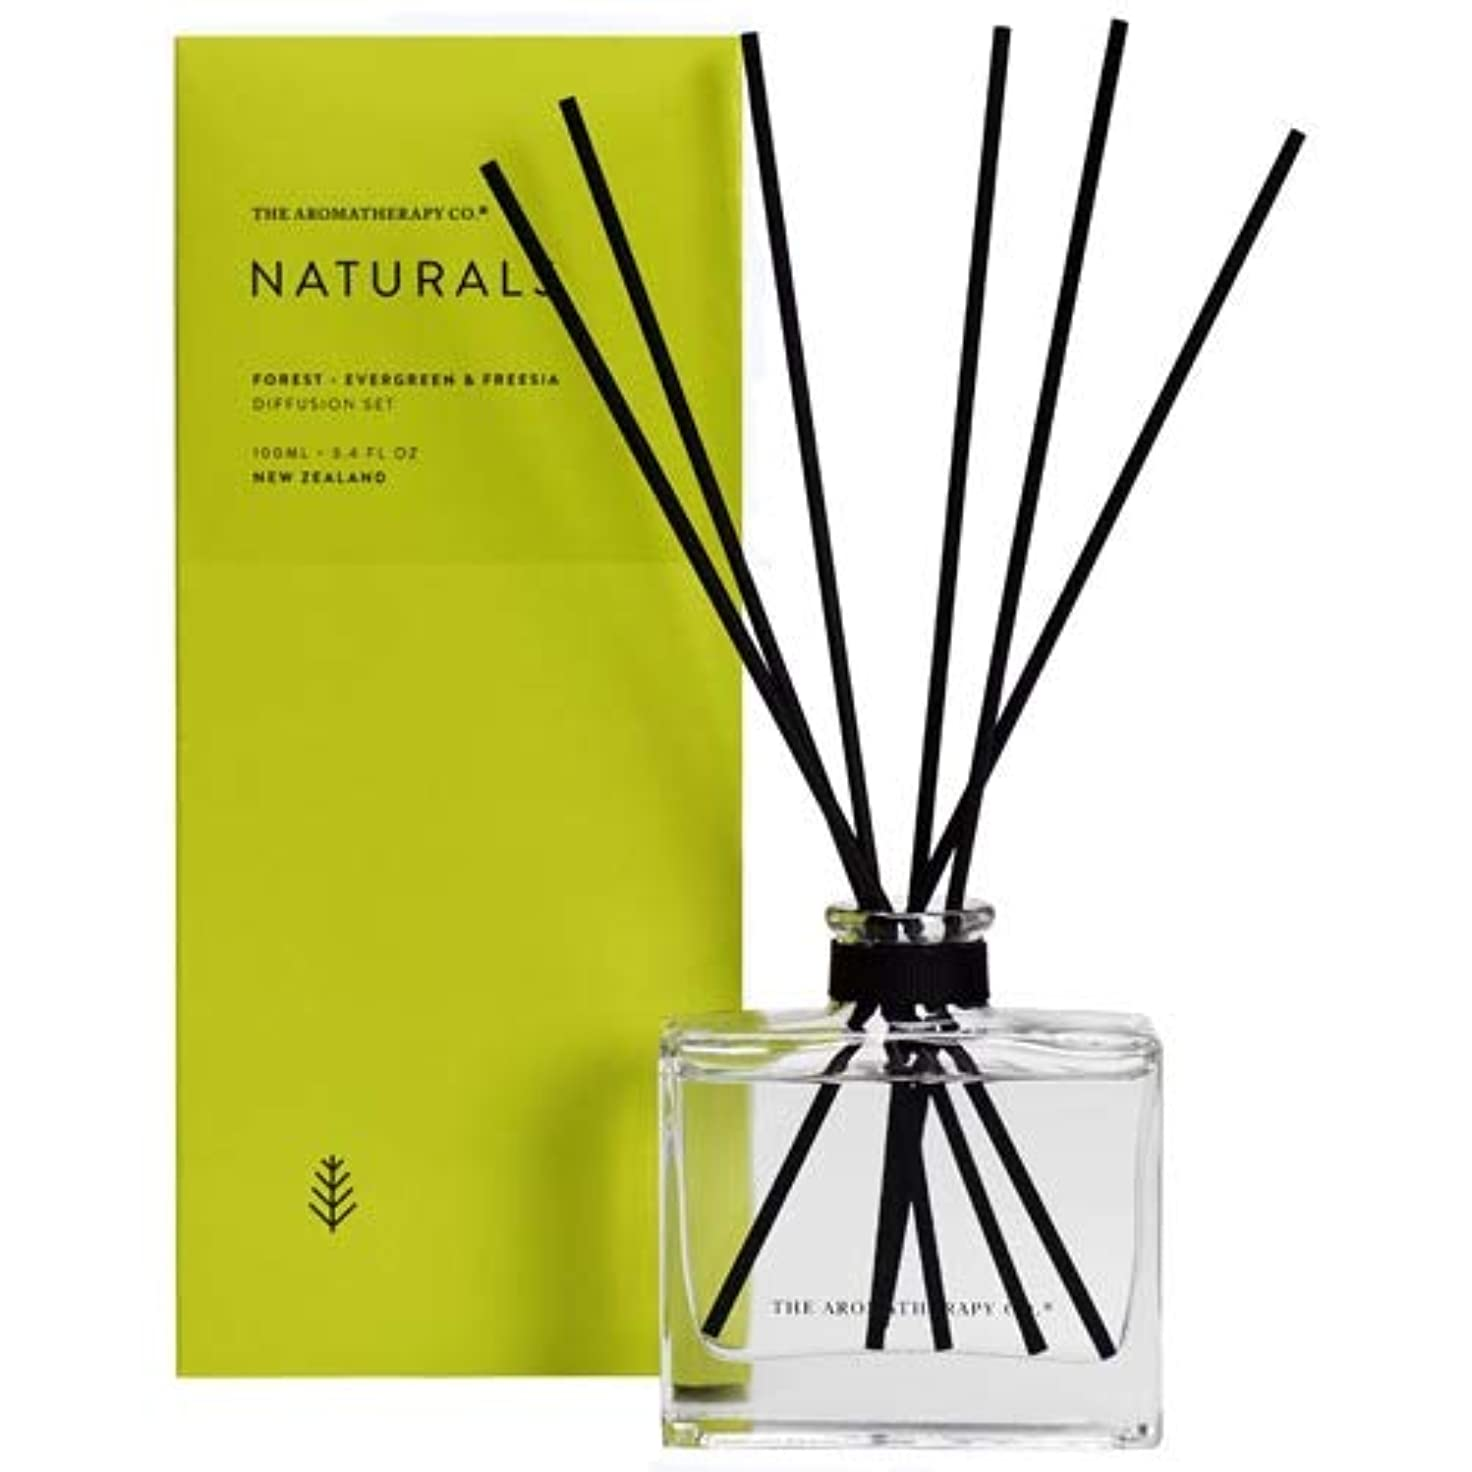 ブリッジ抹消国旗アロマセラピーカンパニー(Aromatherapy Company) new NATURALS ナチュラルズ Diffusion Stick ディフュージョンスティック Forest フォレスト(森林) Evergreen & Freesia エバーグリーン&フリージア